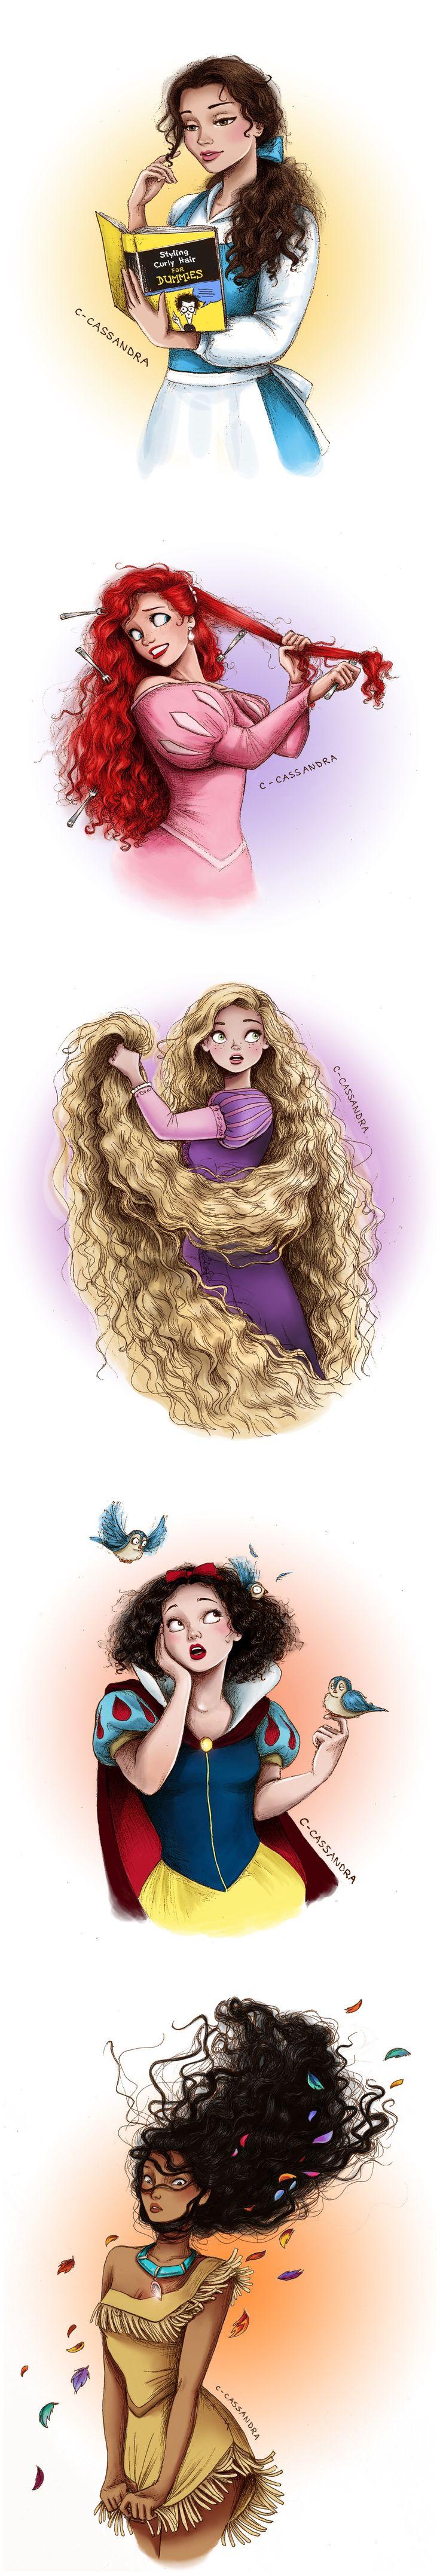 Sin lasaña princesas de disney. Tubieran el cabello colocho